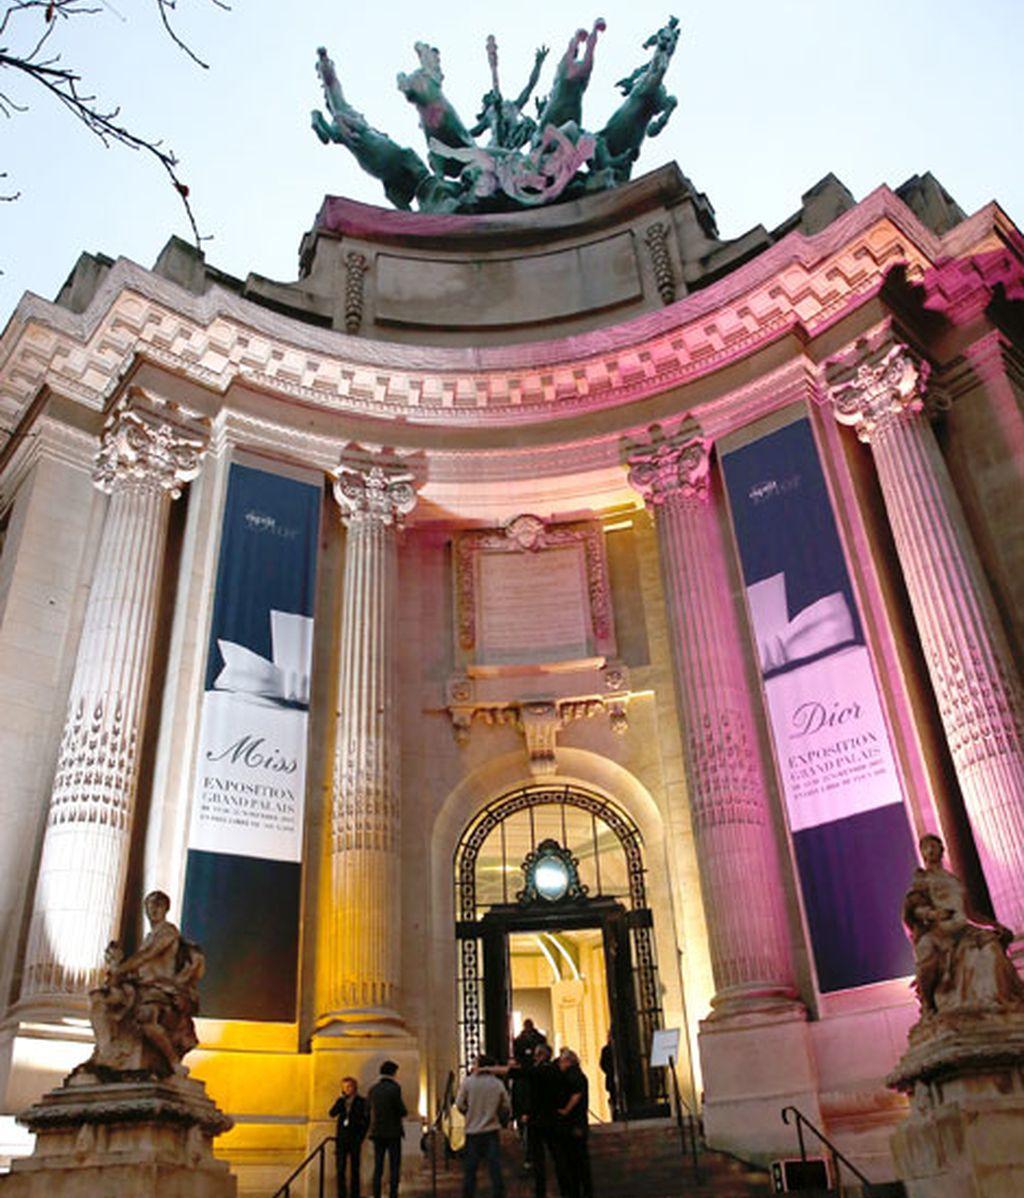 La entrada del Gran Palais de París